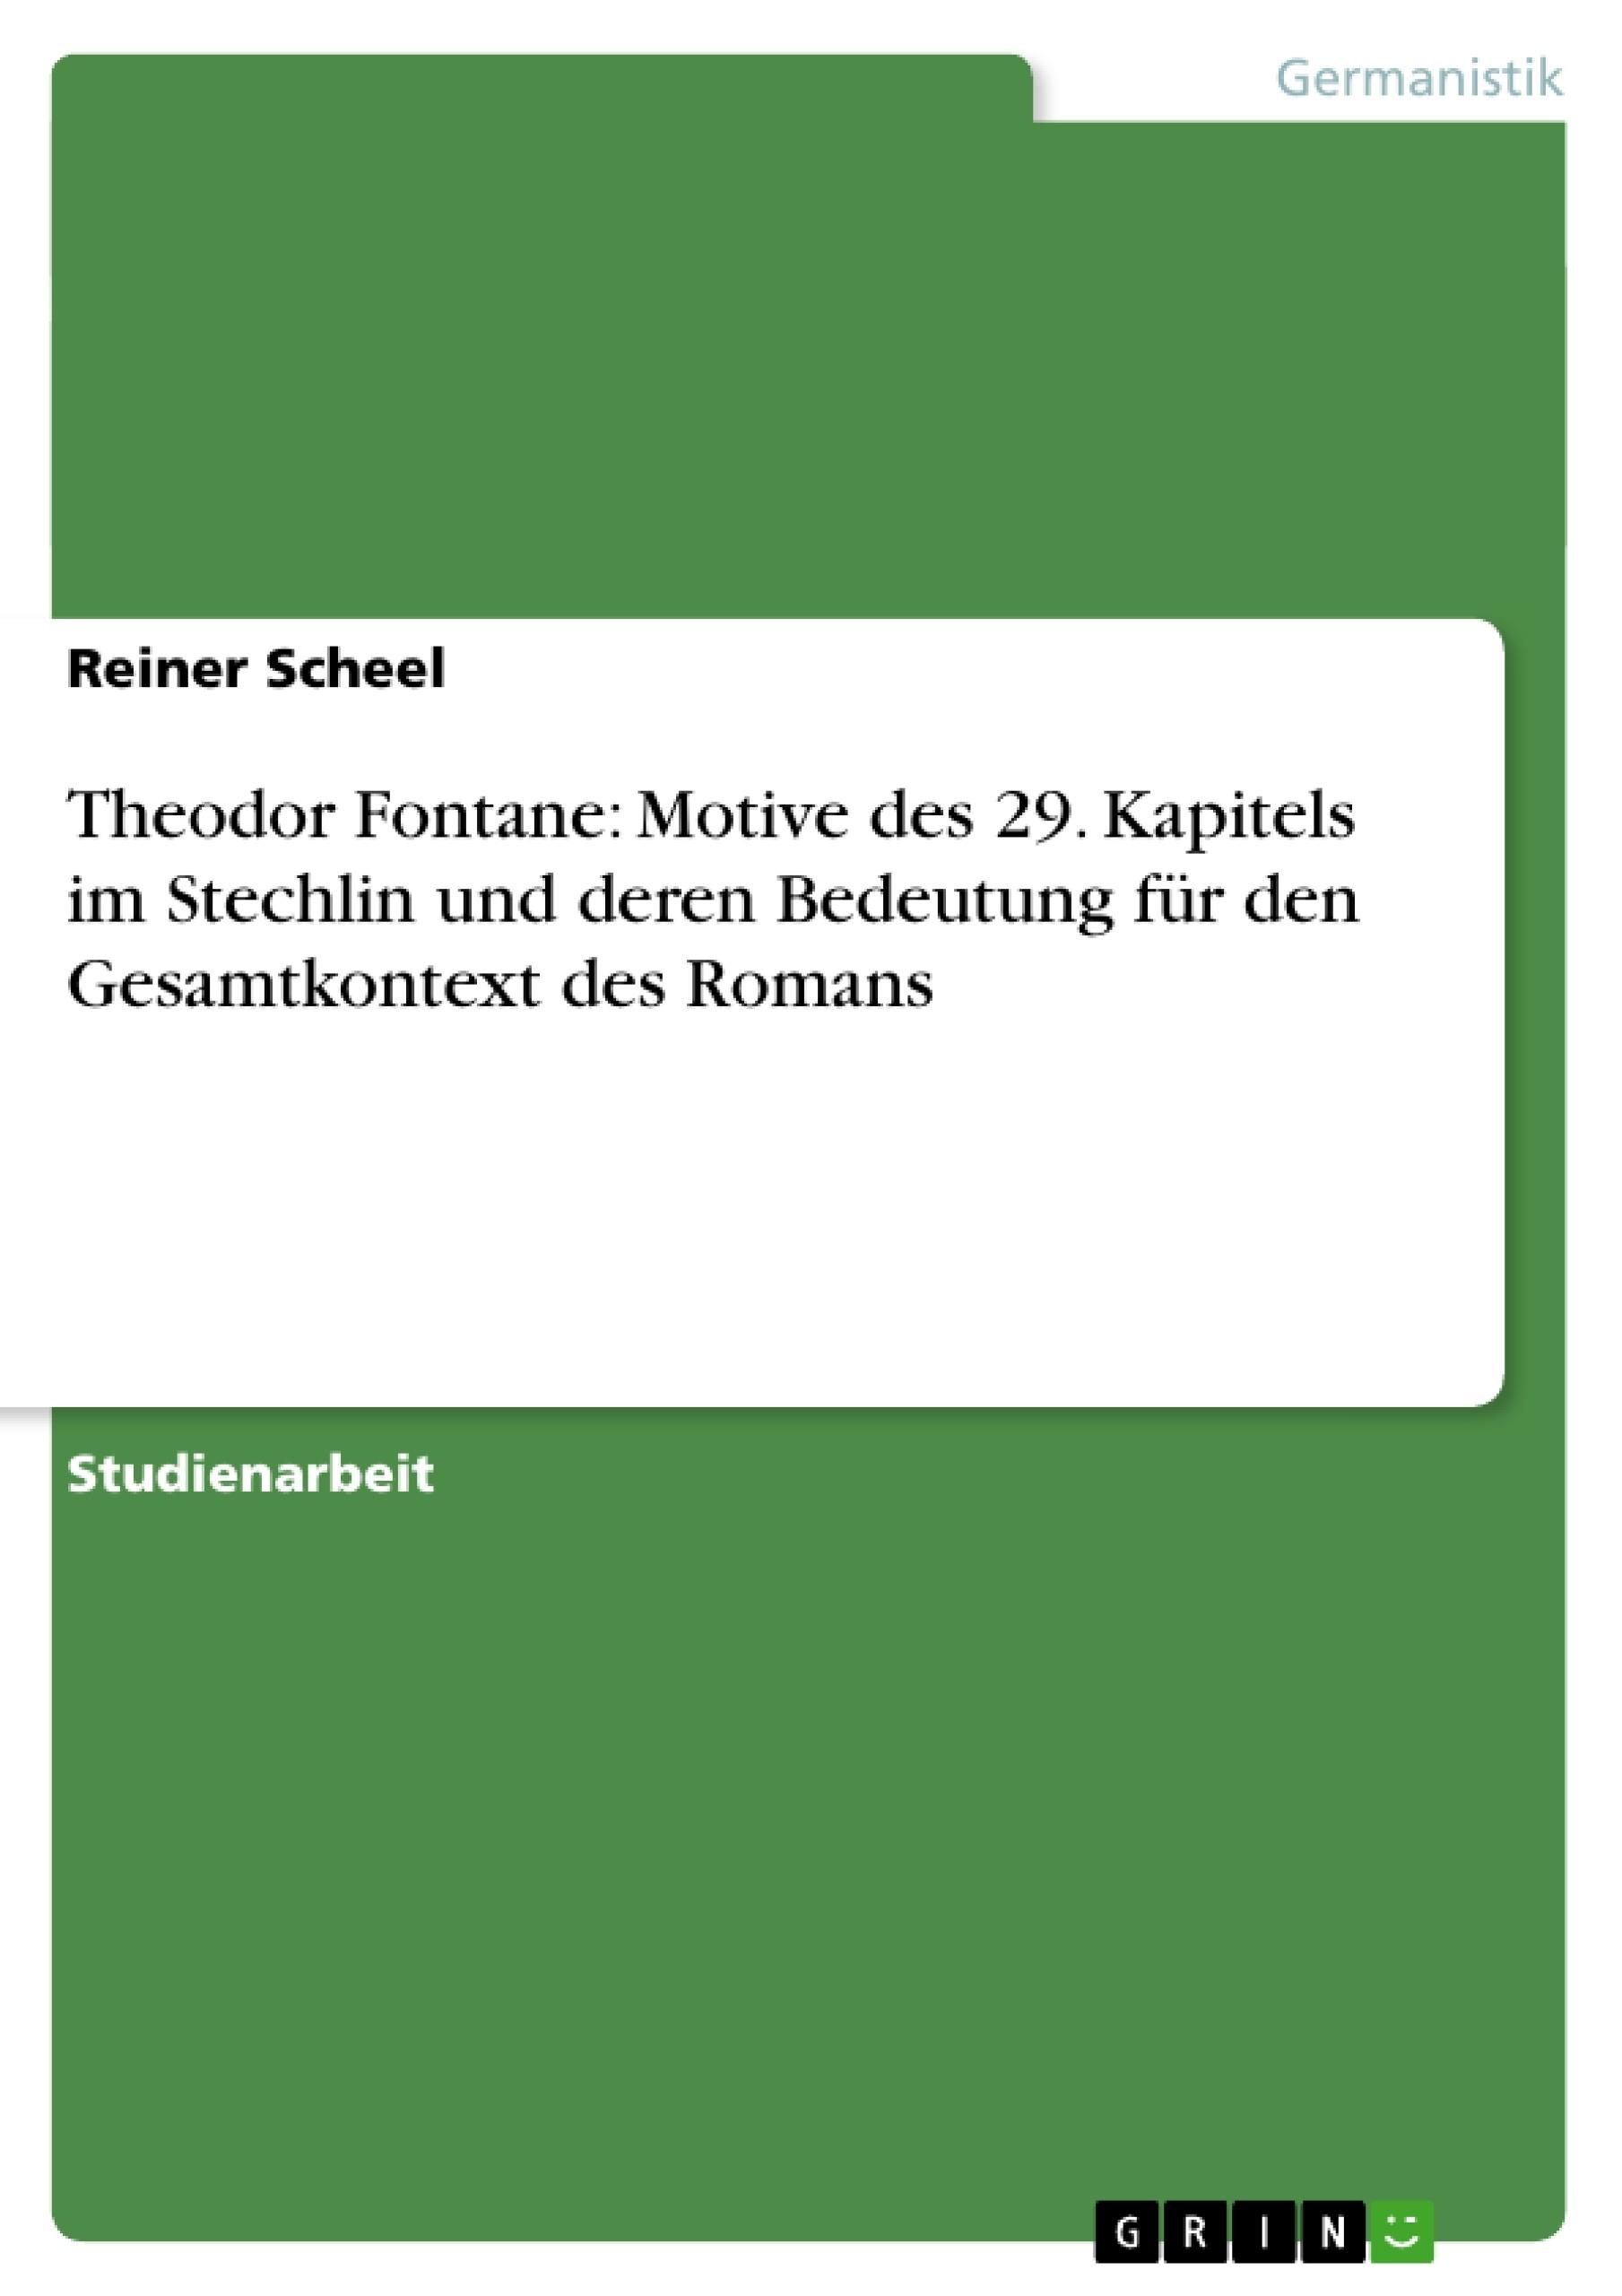 Titel: Theodor Fontane: Motive des 29. Kapitels im Stechlin und deren Bedeutung für den Gesamtkontext des Romans